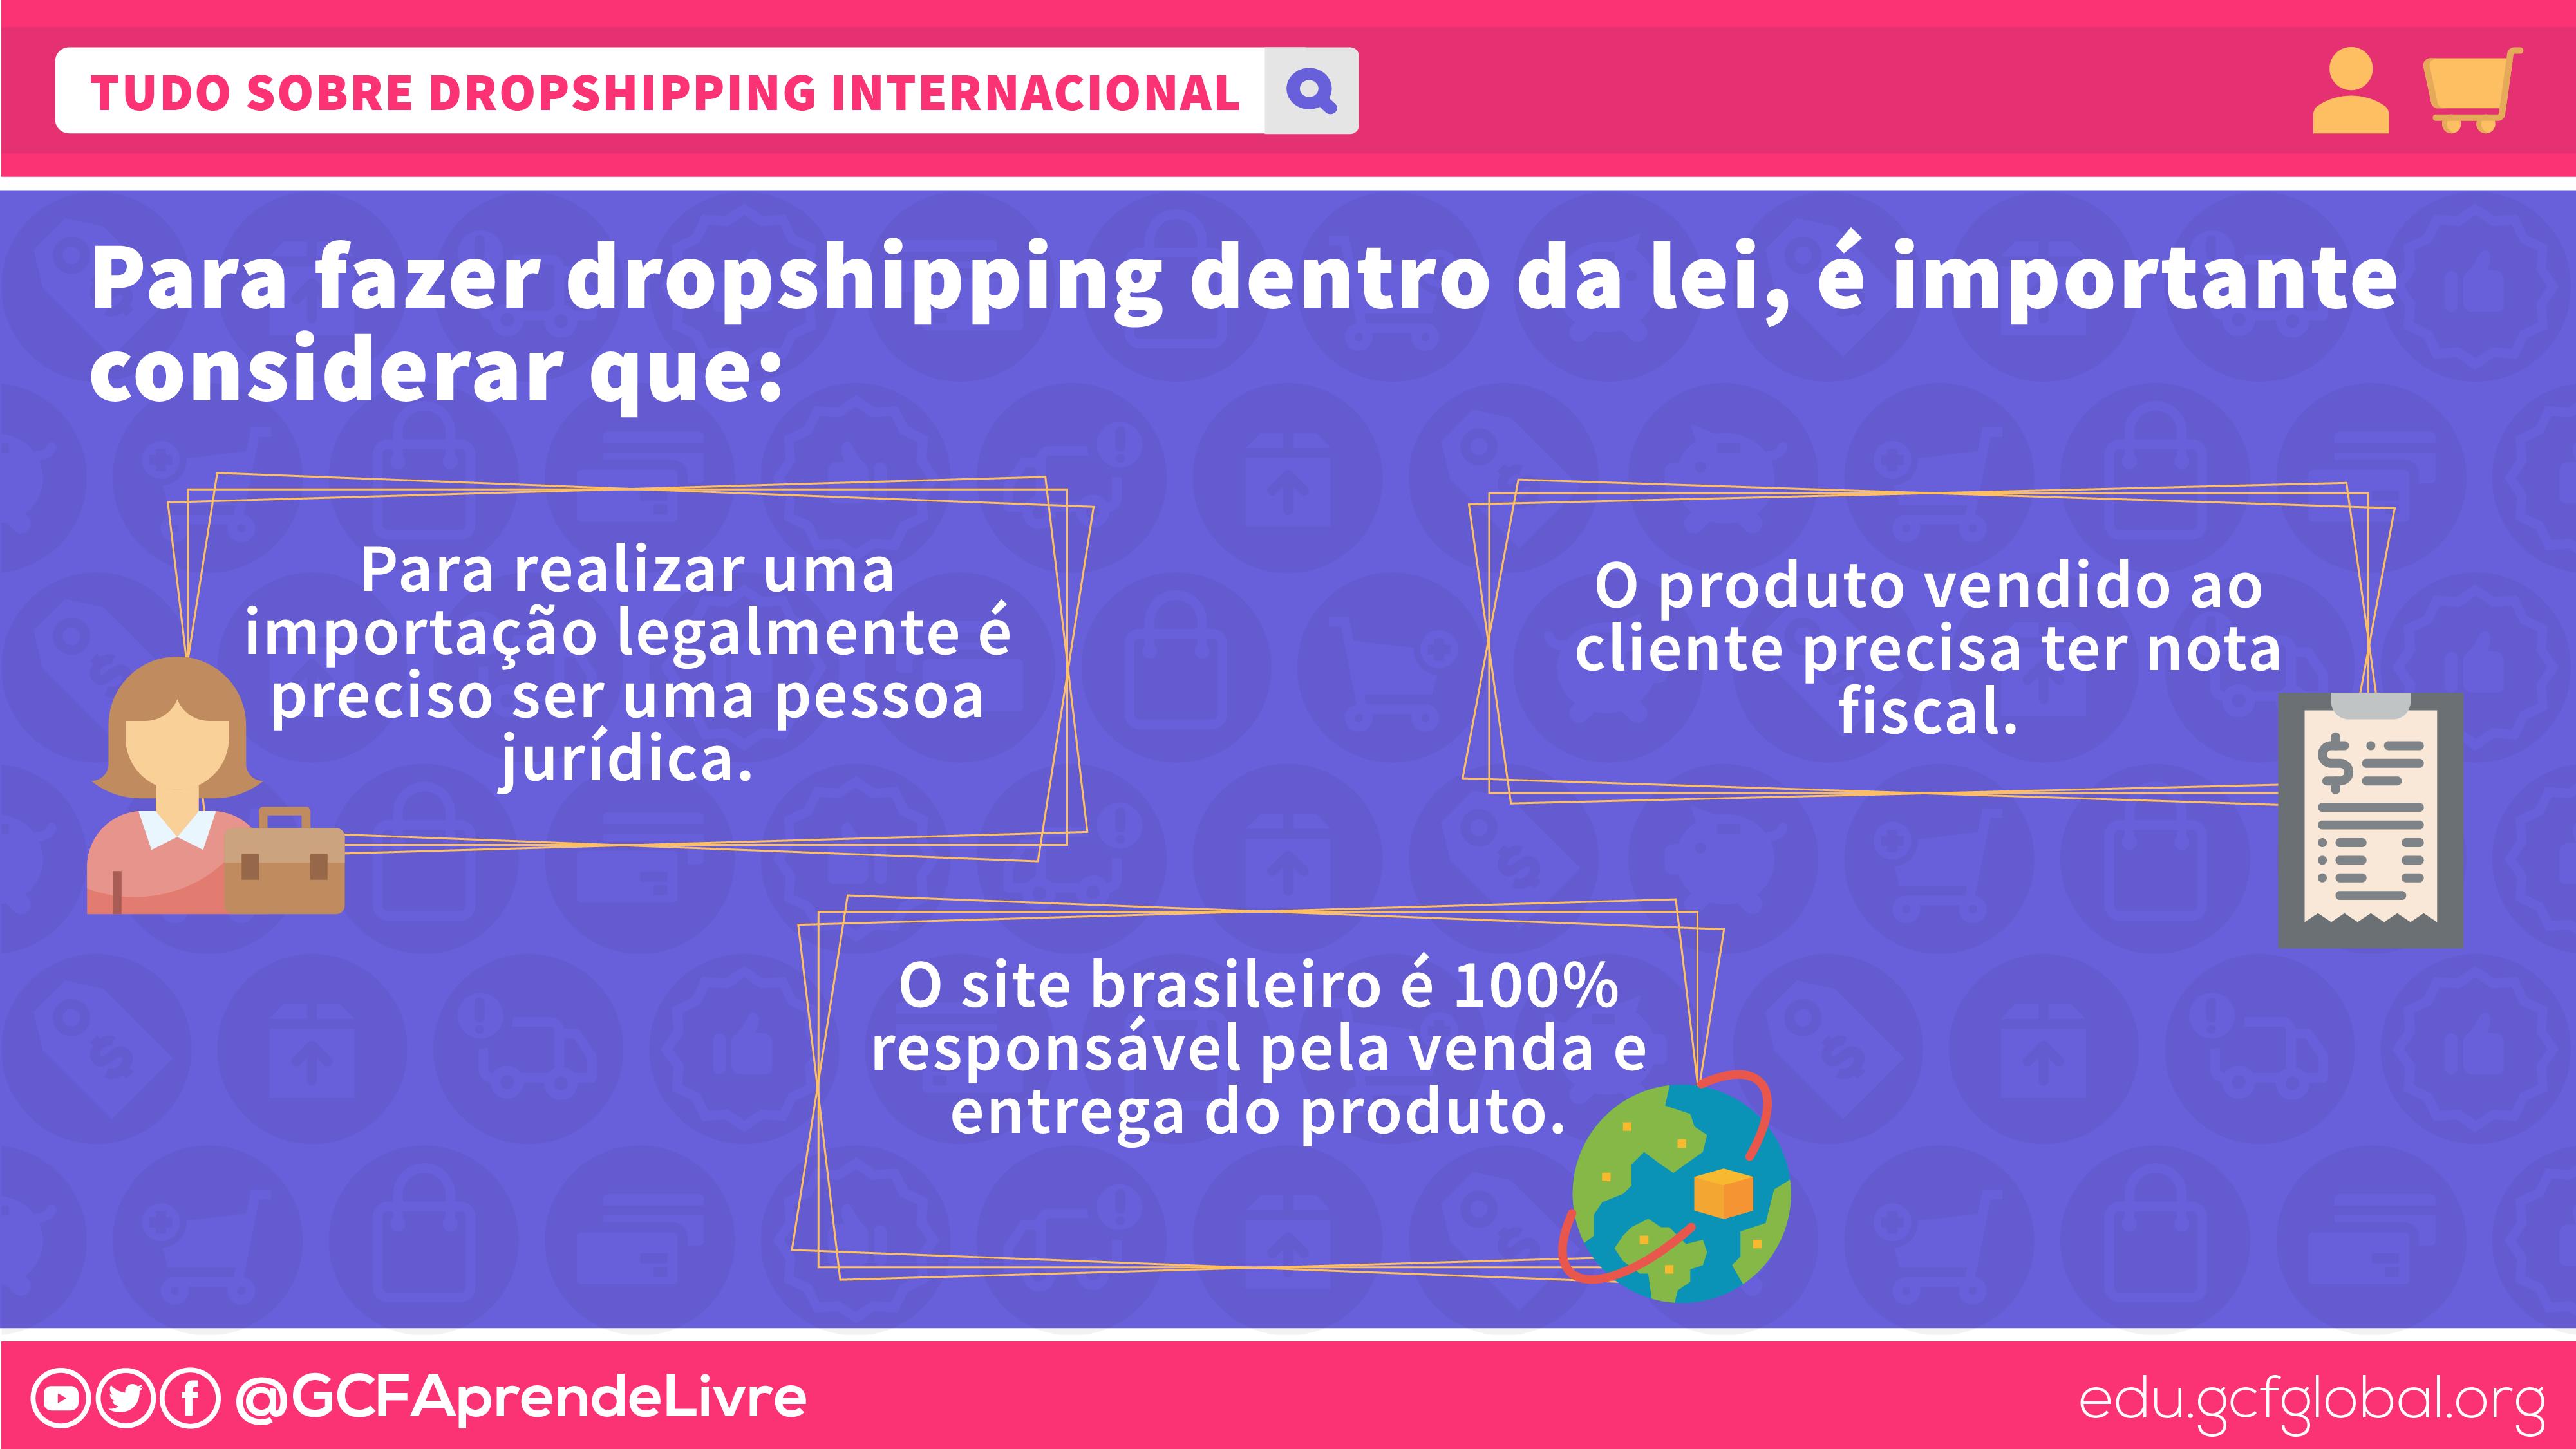 imagem1 como fazer dropshipping internacional de maneira correta